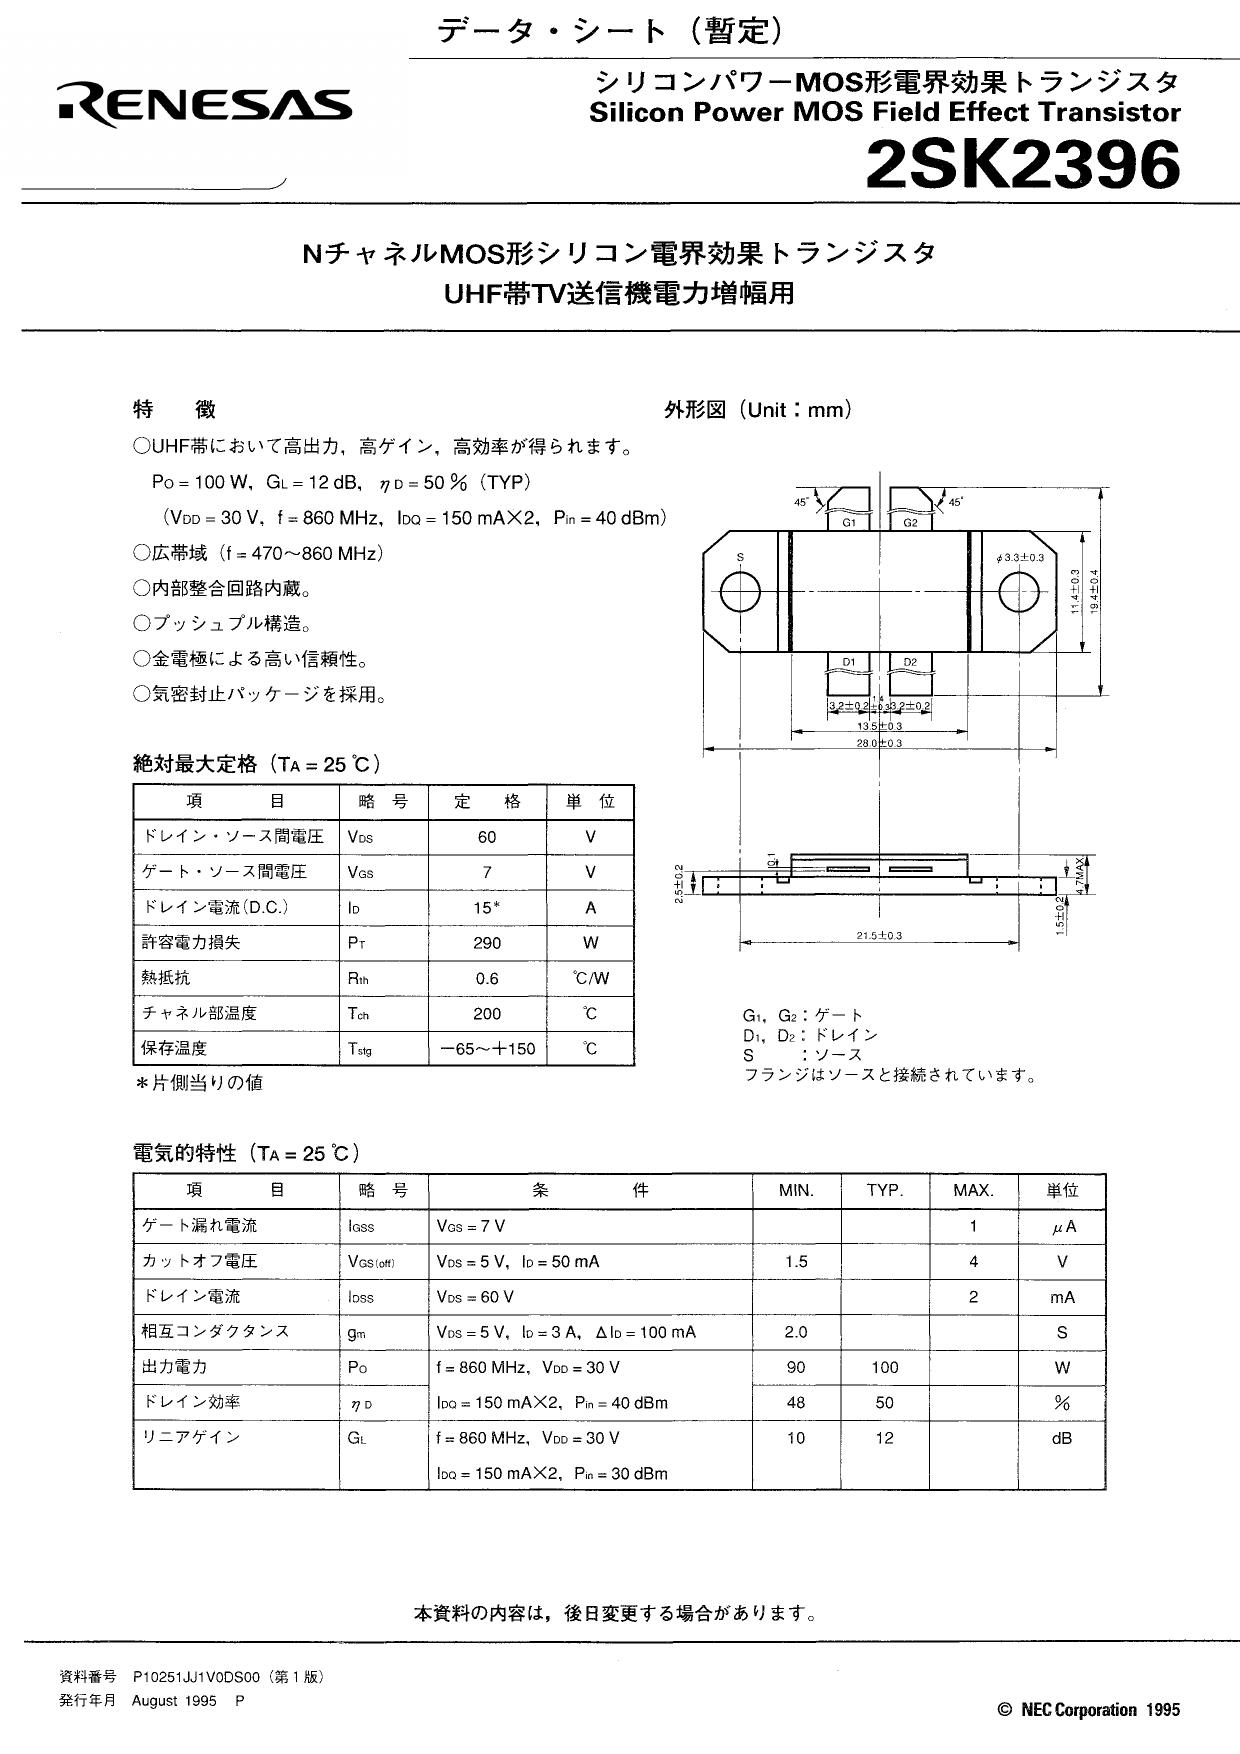 2SK2396 데이터시트 및 2SK2396 PDF